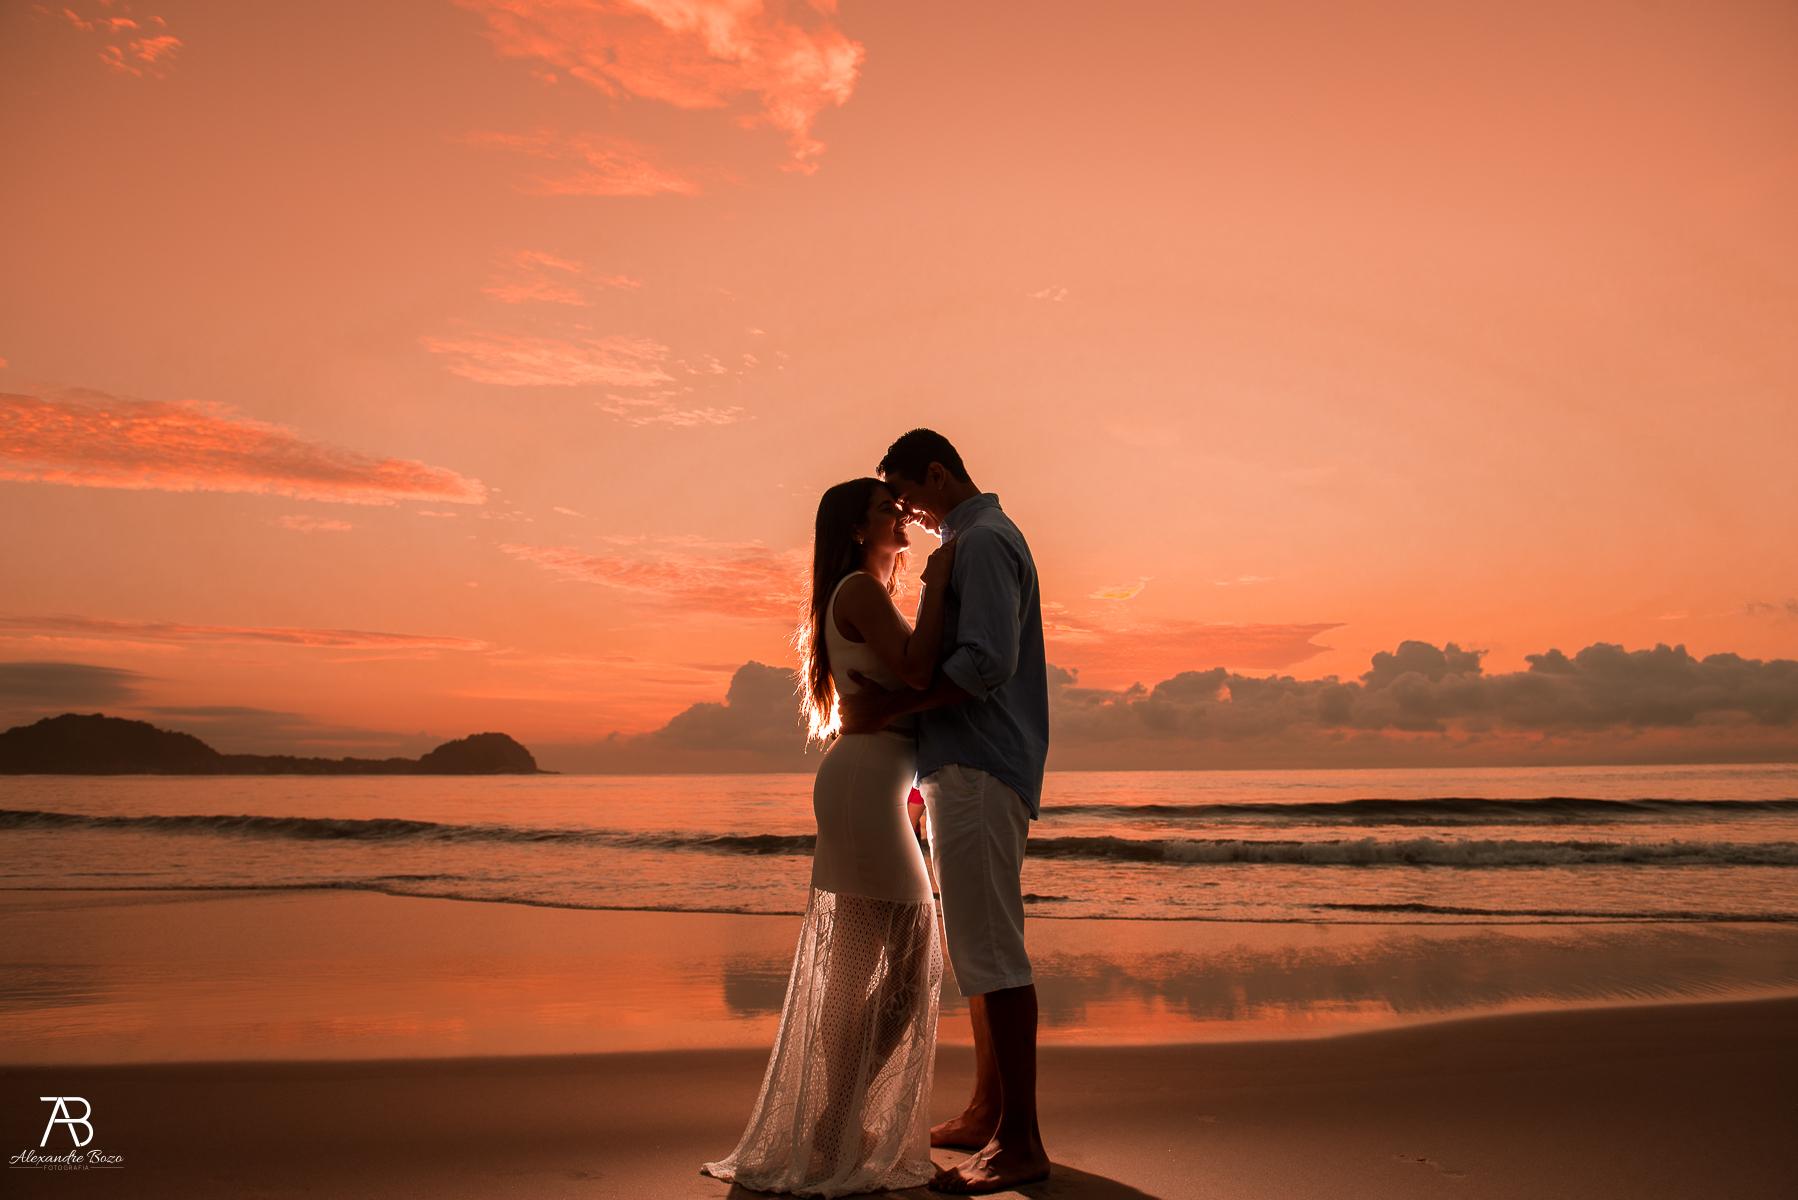 Contate Fotografo de casamento SP,  Fotografia de casamento SP, Fotografo de casamento sp, fotografo sp, Fotografo de casamento Barato SP , Fotografia Casamento barato, Foto jornalismo de casamento